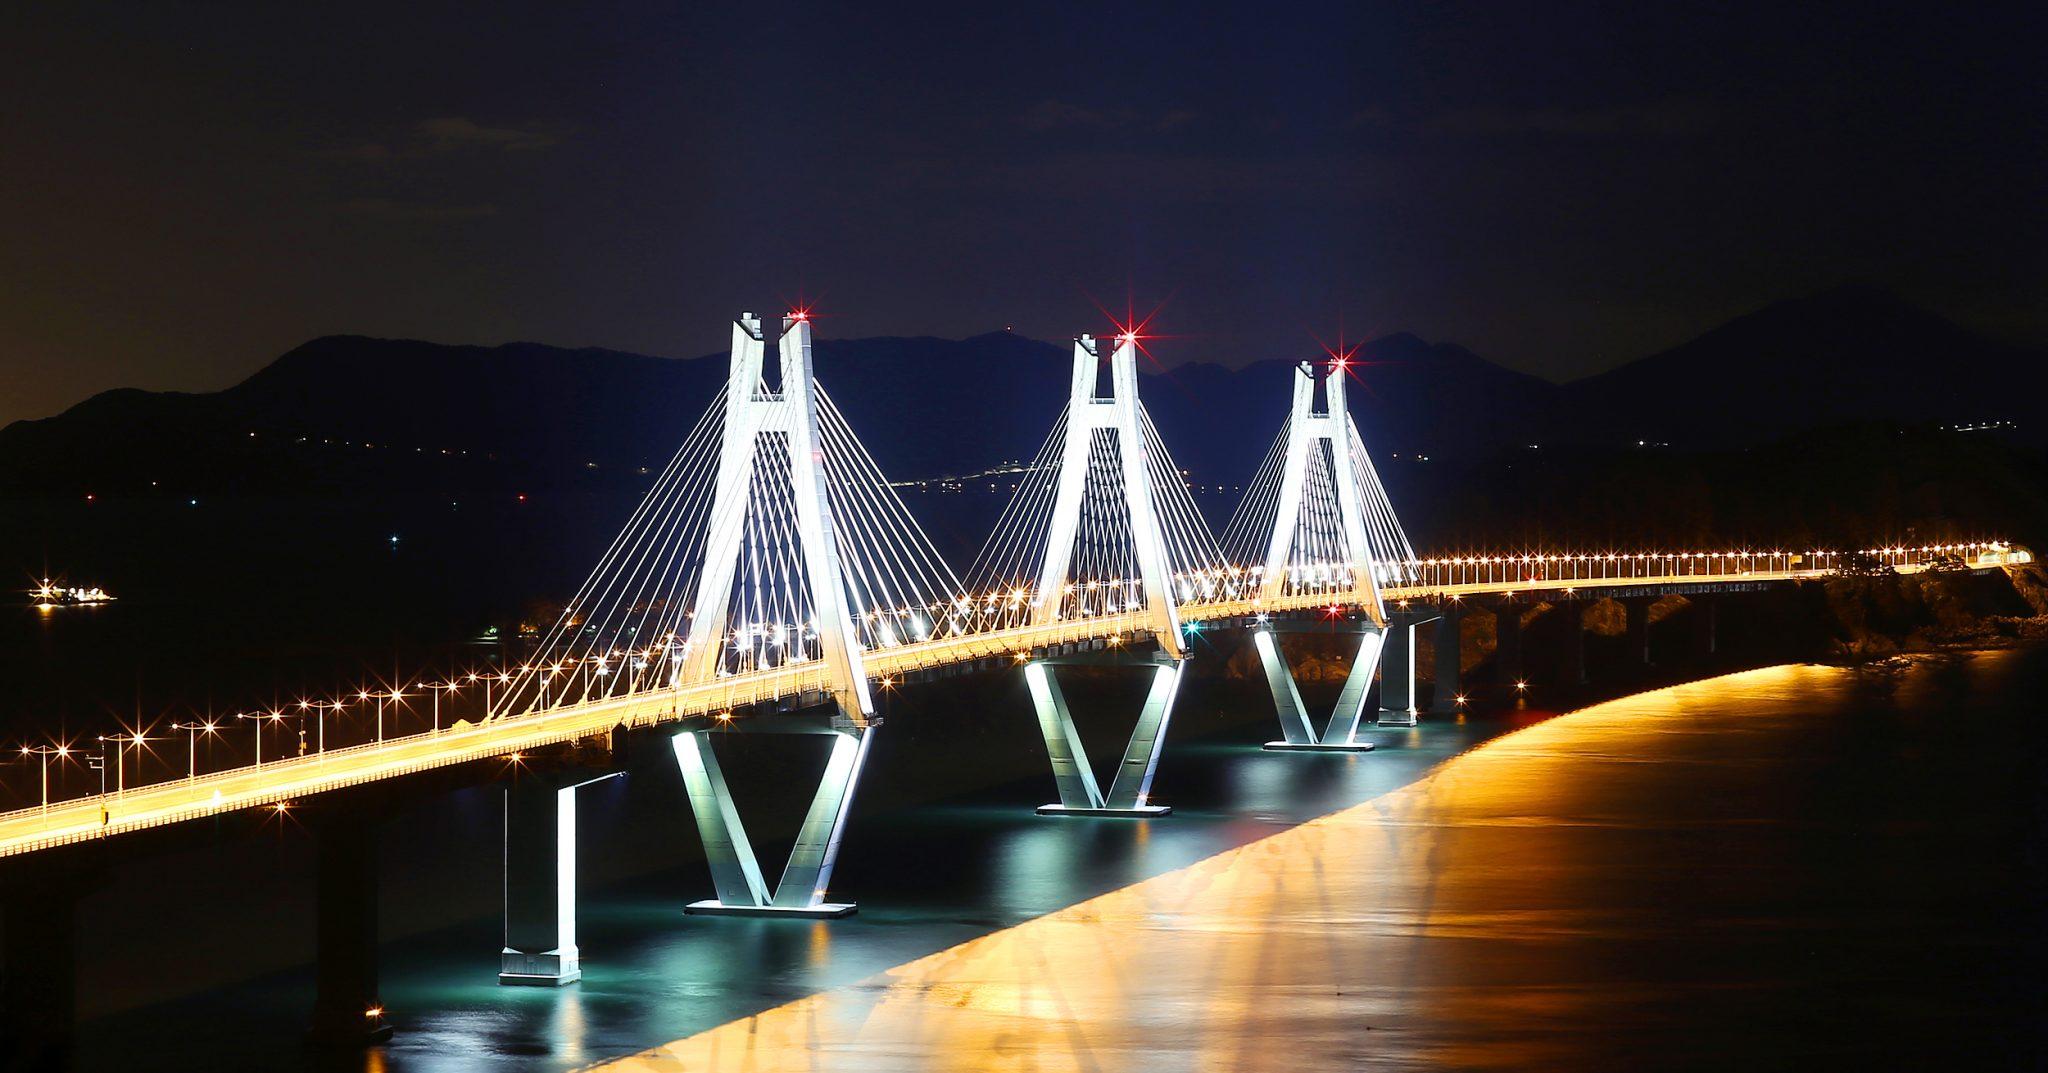 부산 거제간 연결도로 교통관리시스템 성능개선 사업 준공(2020/3/20)